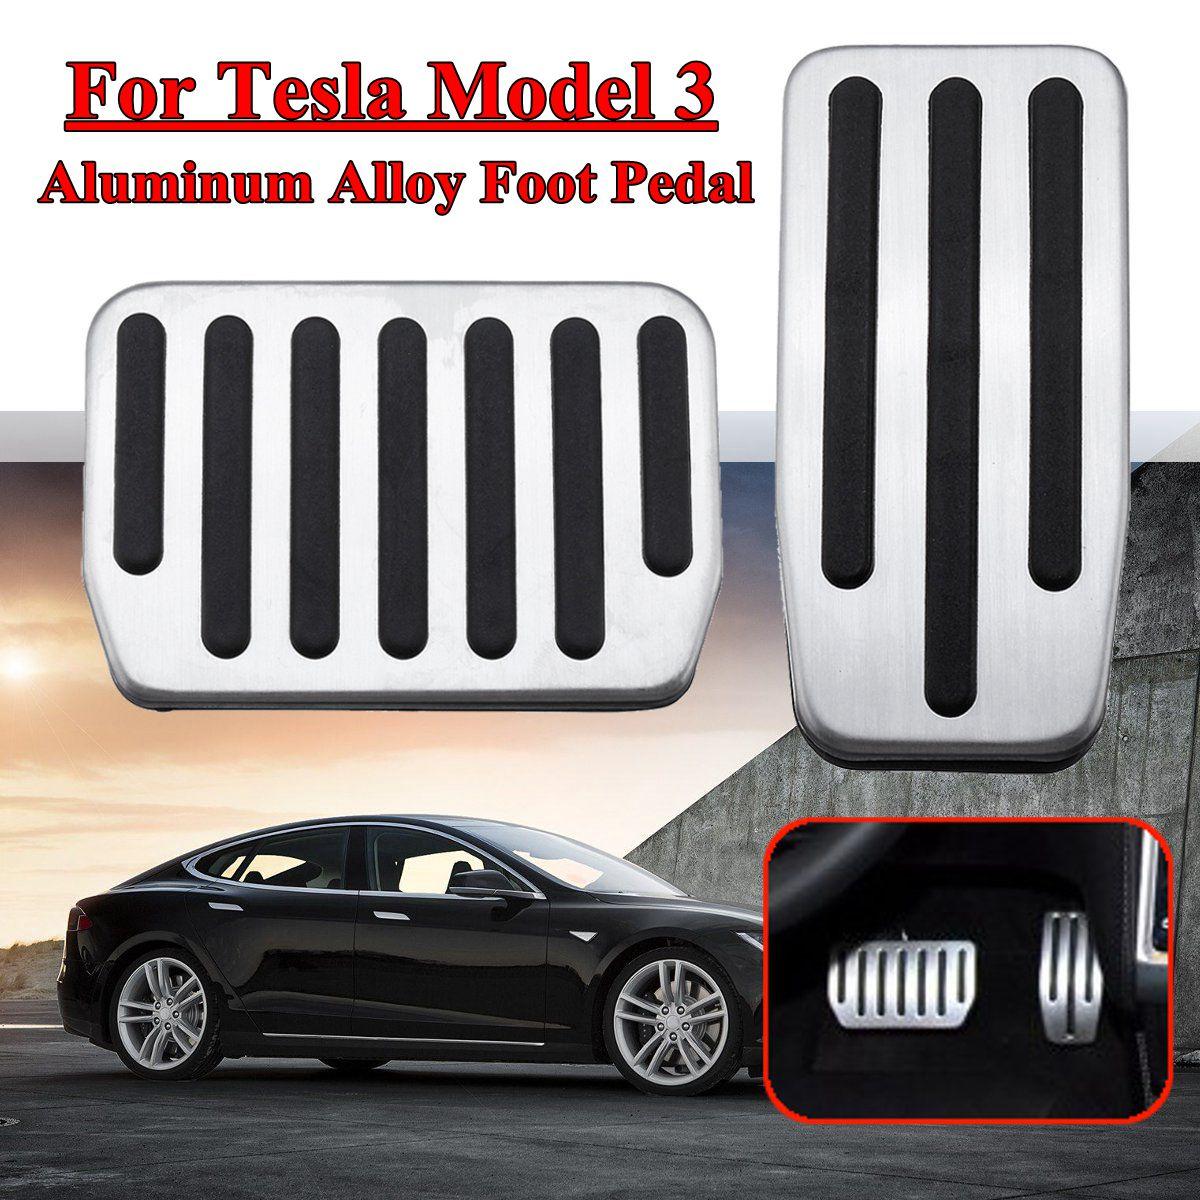 2 piezas rendimiento antideslizante de aleación de aluminio acelerador pie resto Pedal modificado Pedal de Kit para Tesla modelo 3 de freno reemplazo